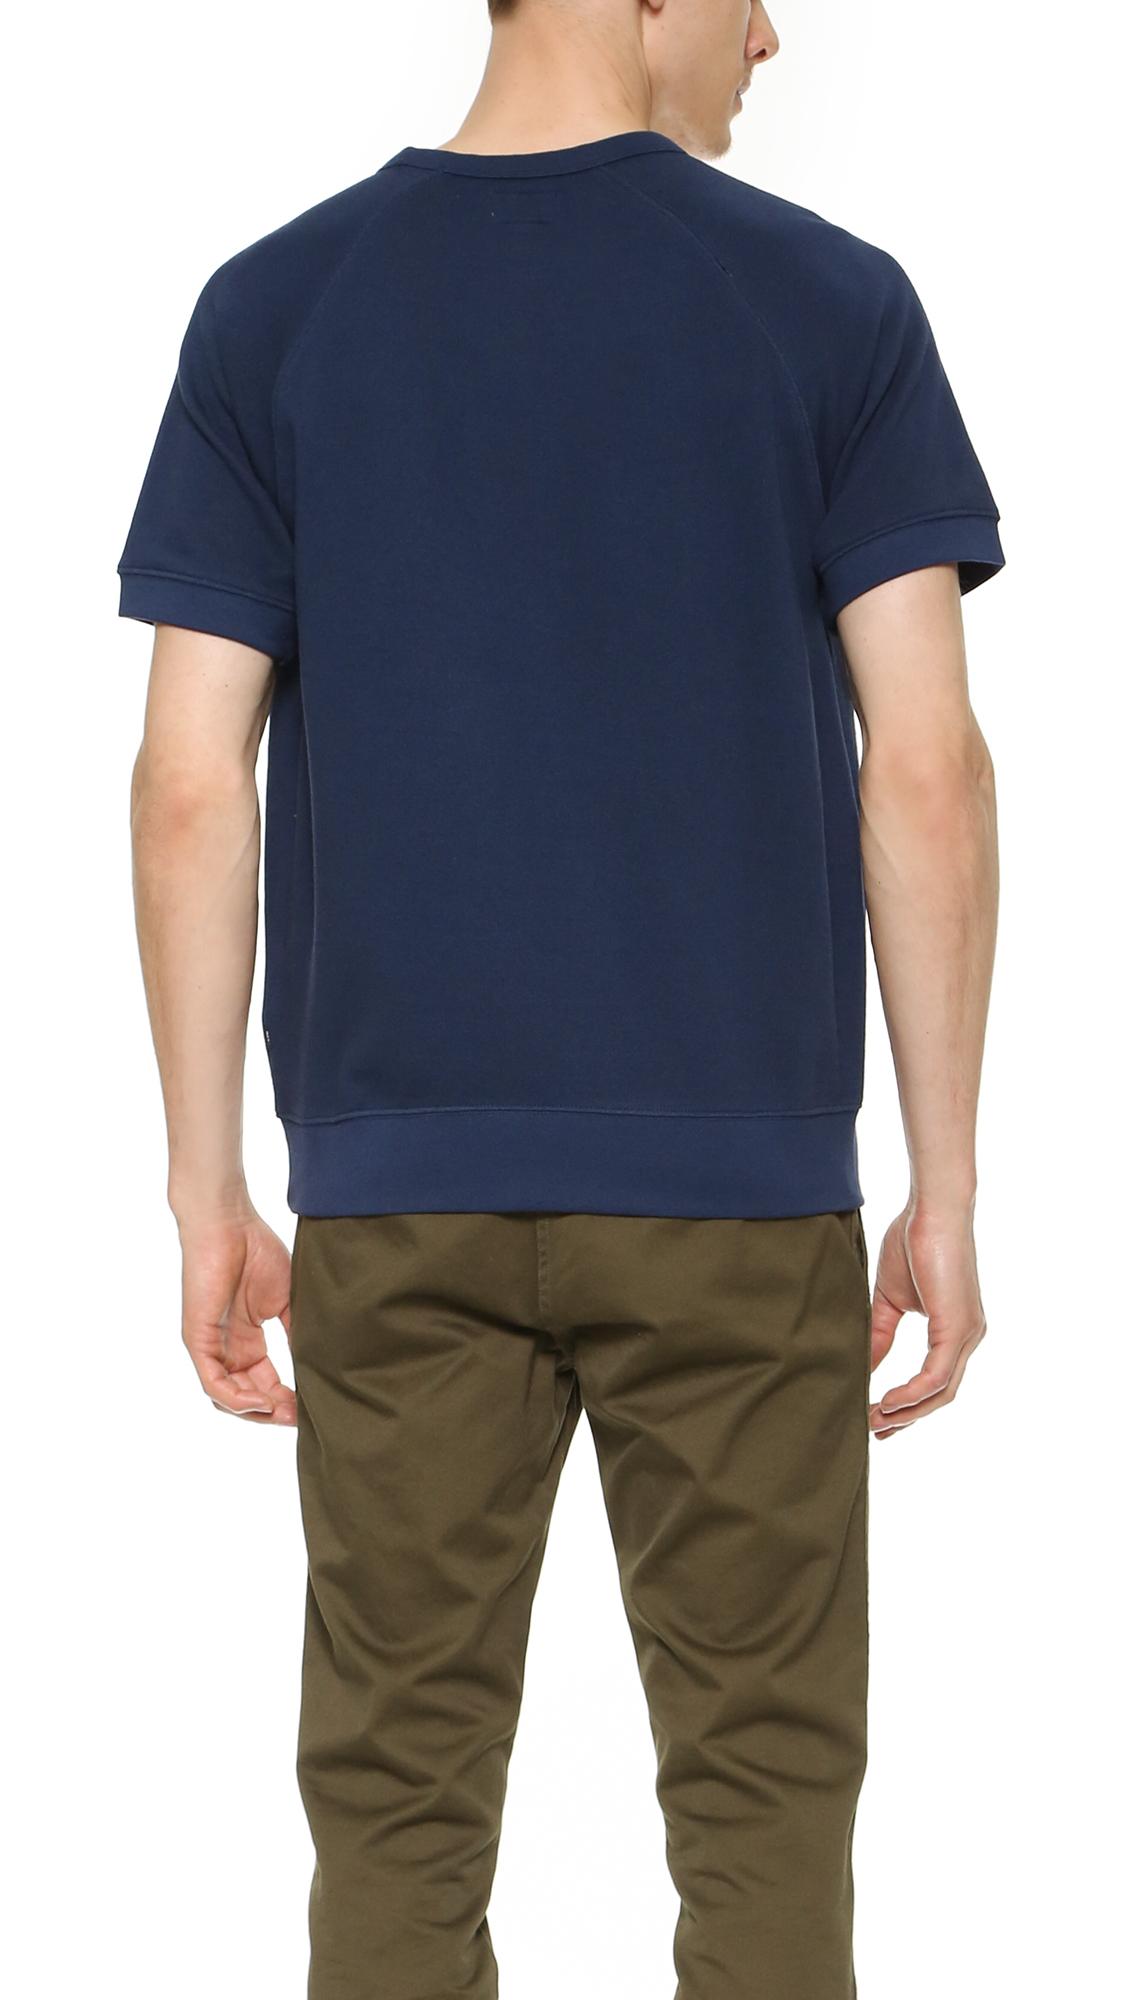 obey summer fleece pullover in blue for men lyst. Black Bedroom Furniture Sets. Home Design Ideas